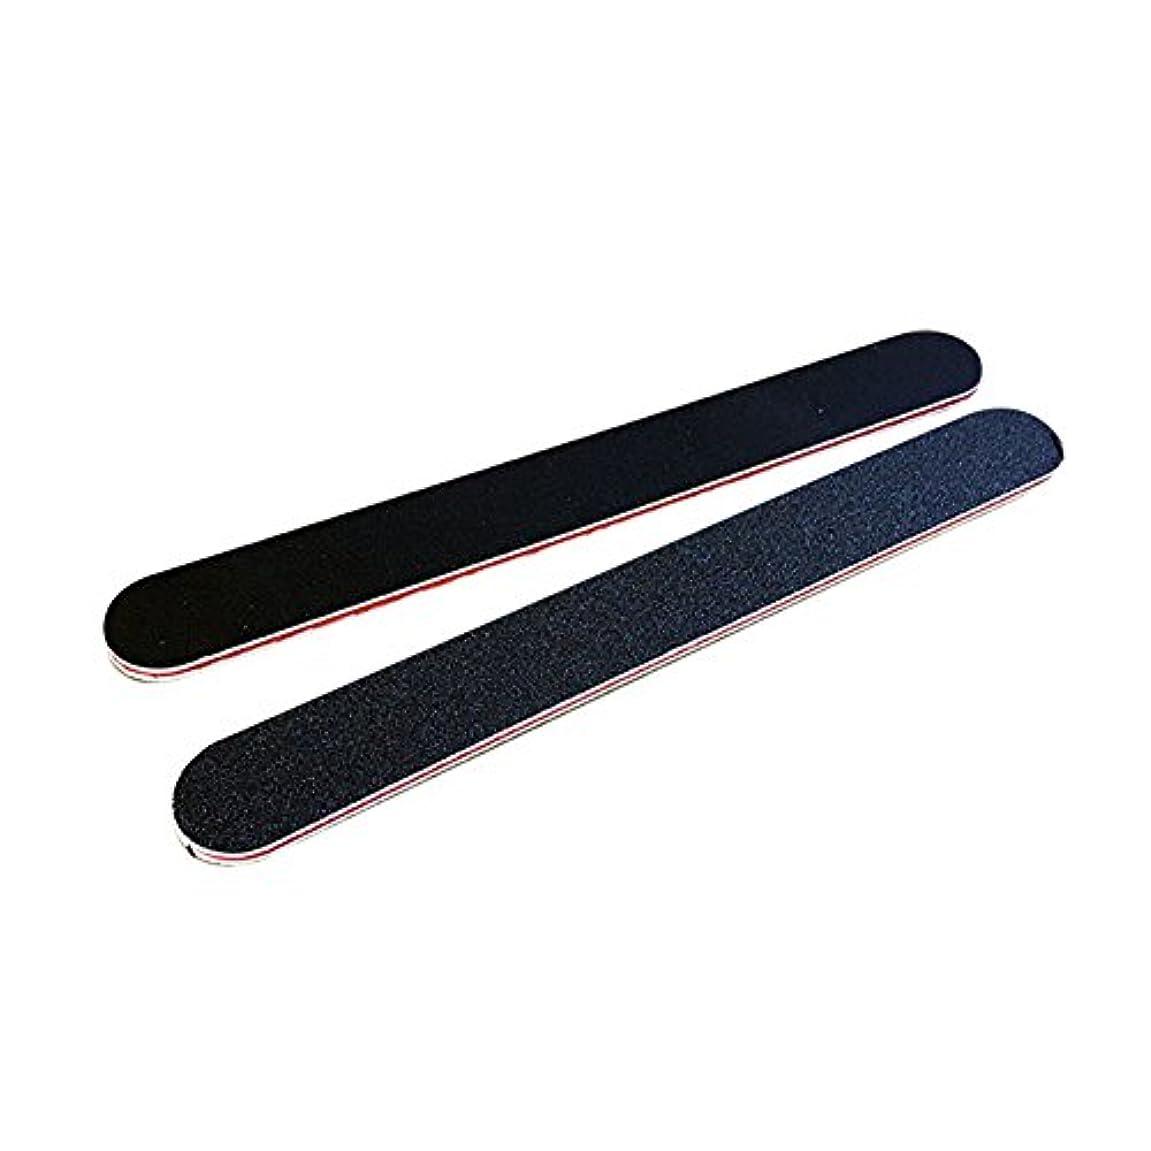 兵隊バンドいつもPoonikuu爪やすり爪磨き ネイルファイル ケアツール ネイルツール 両面タイプネイルやすり 小型便利 2本セット ブラック